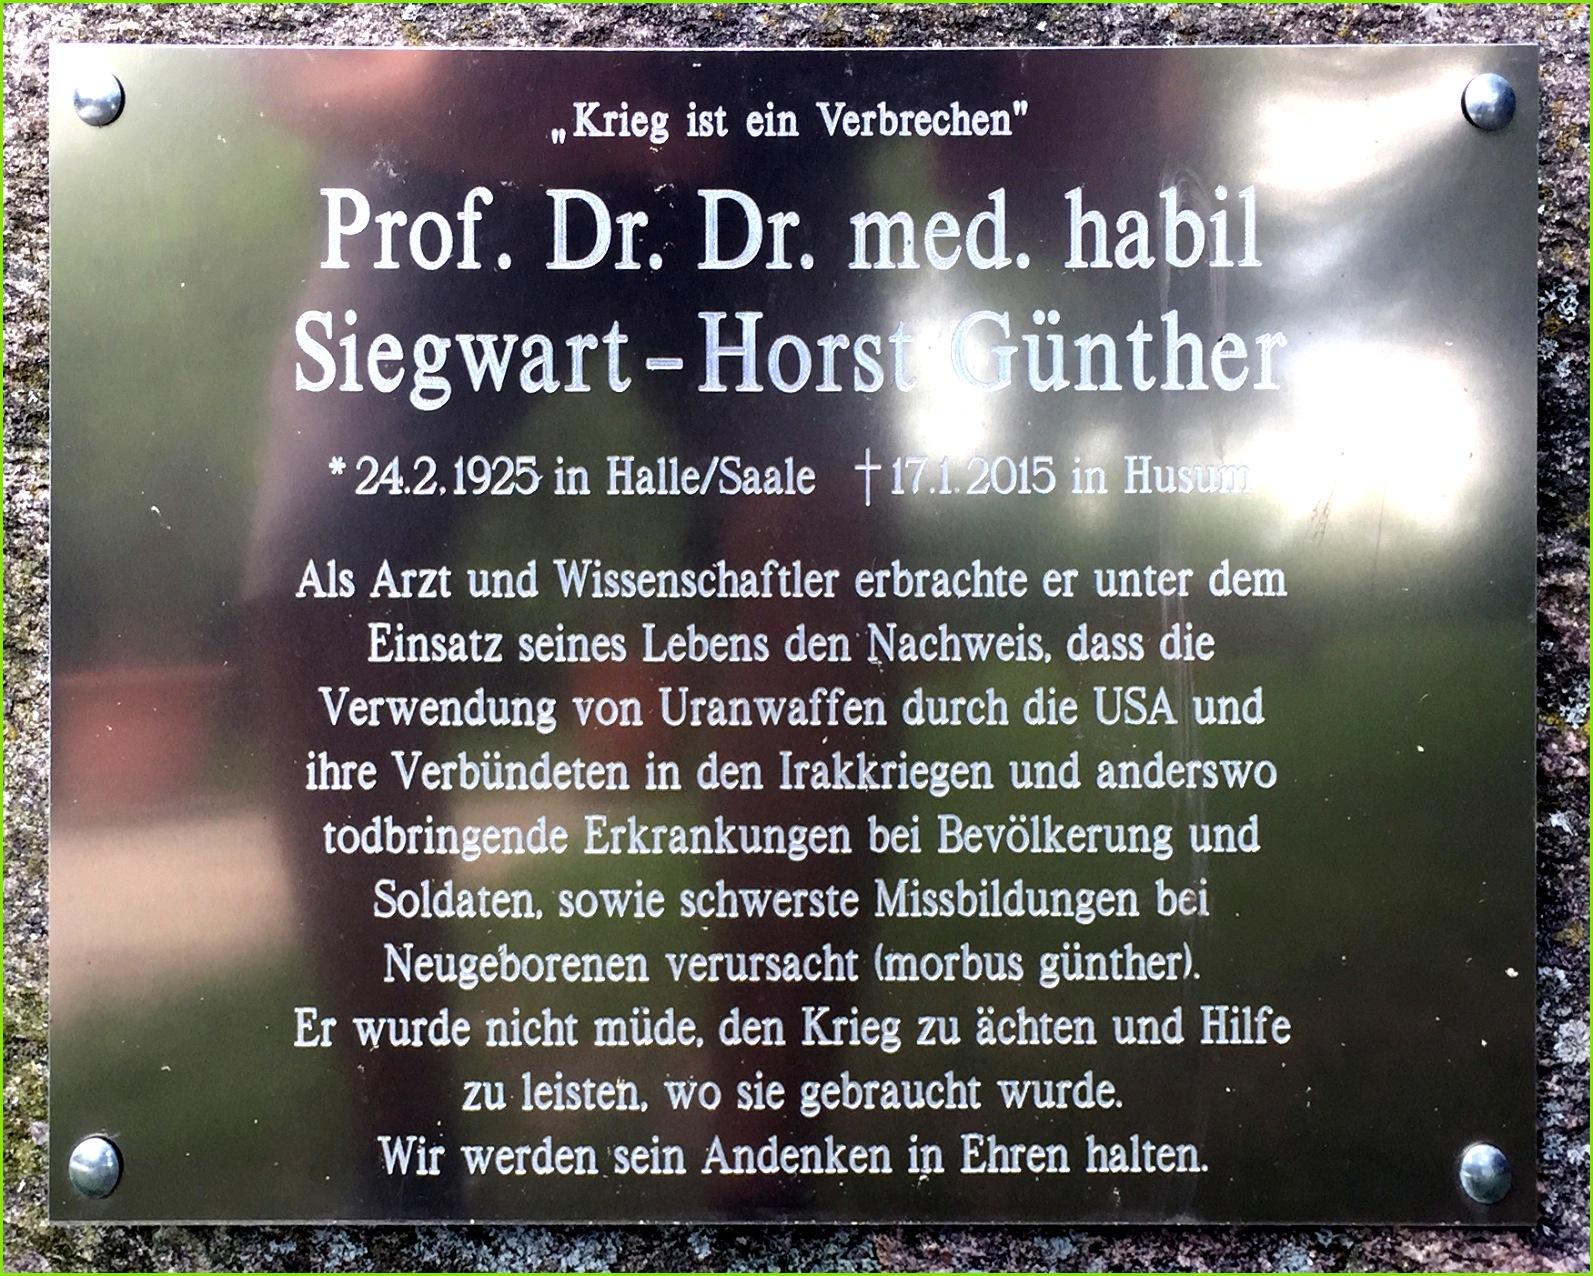 Gedenktafel Siegwart Horst Günther